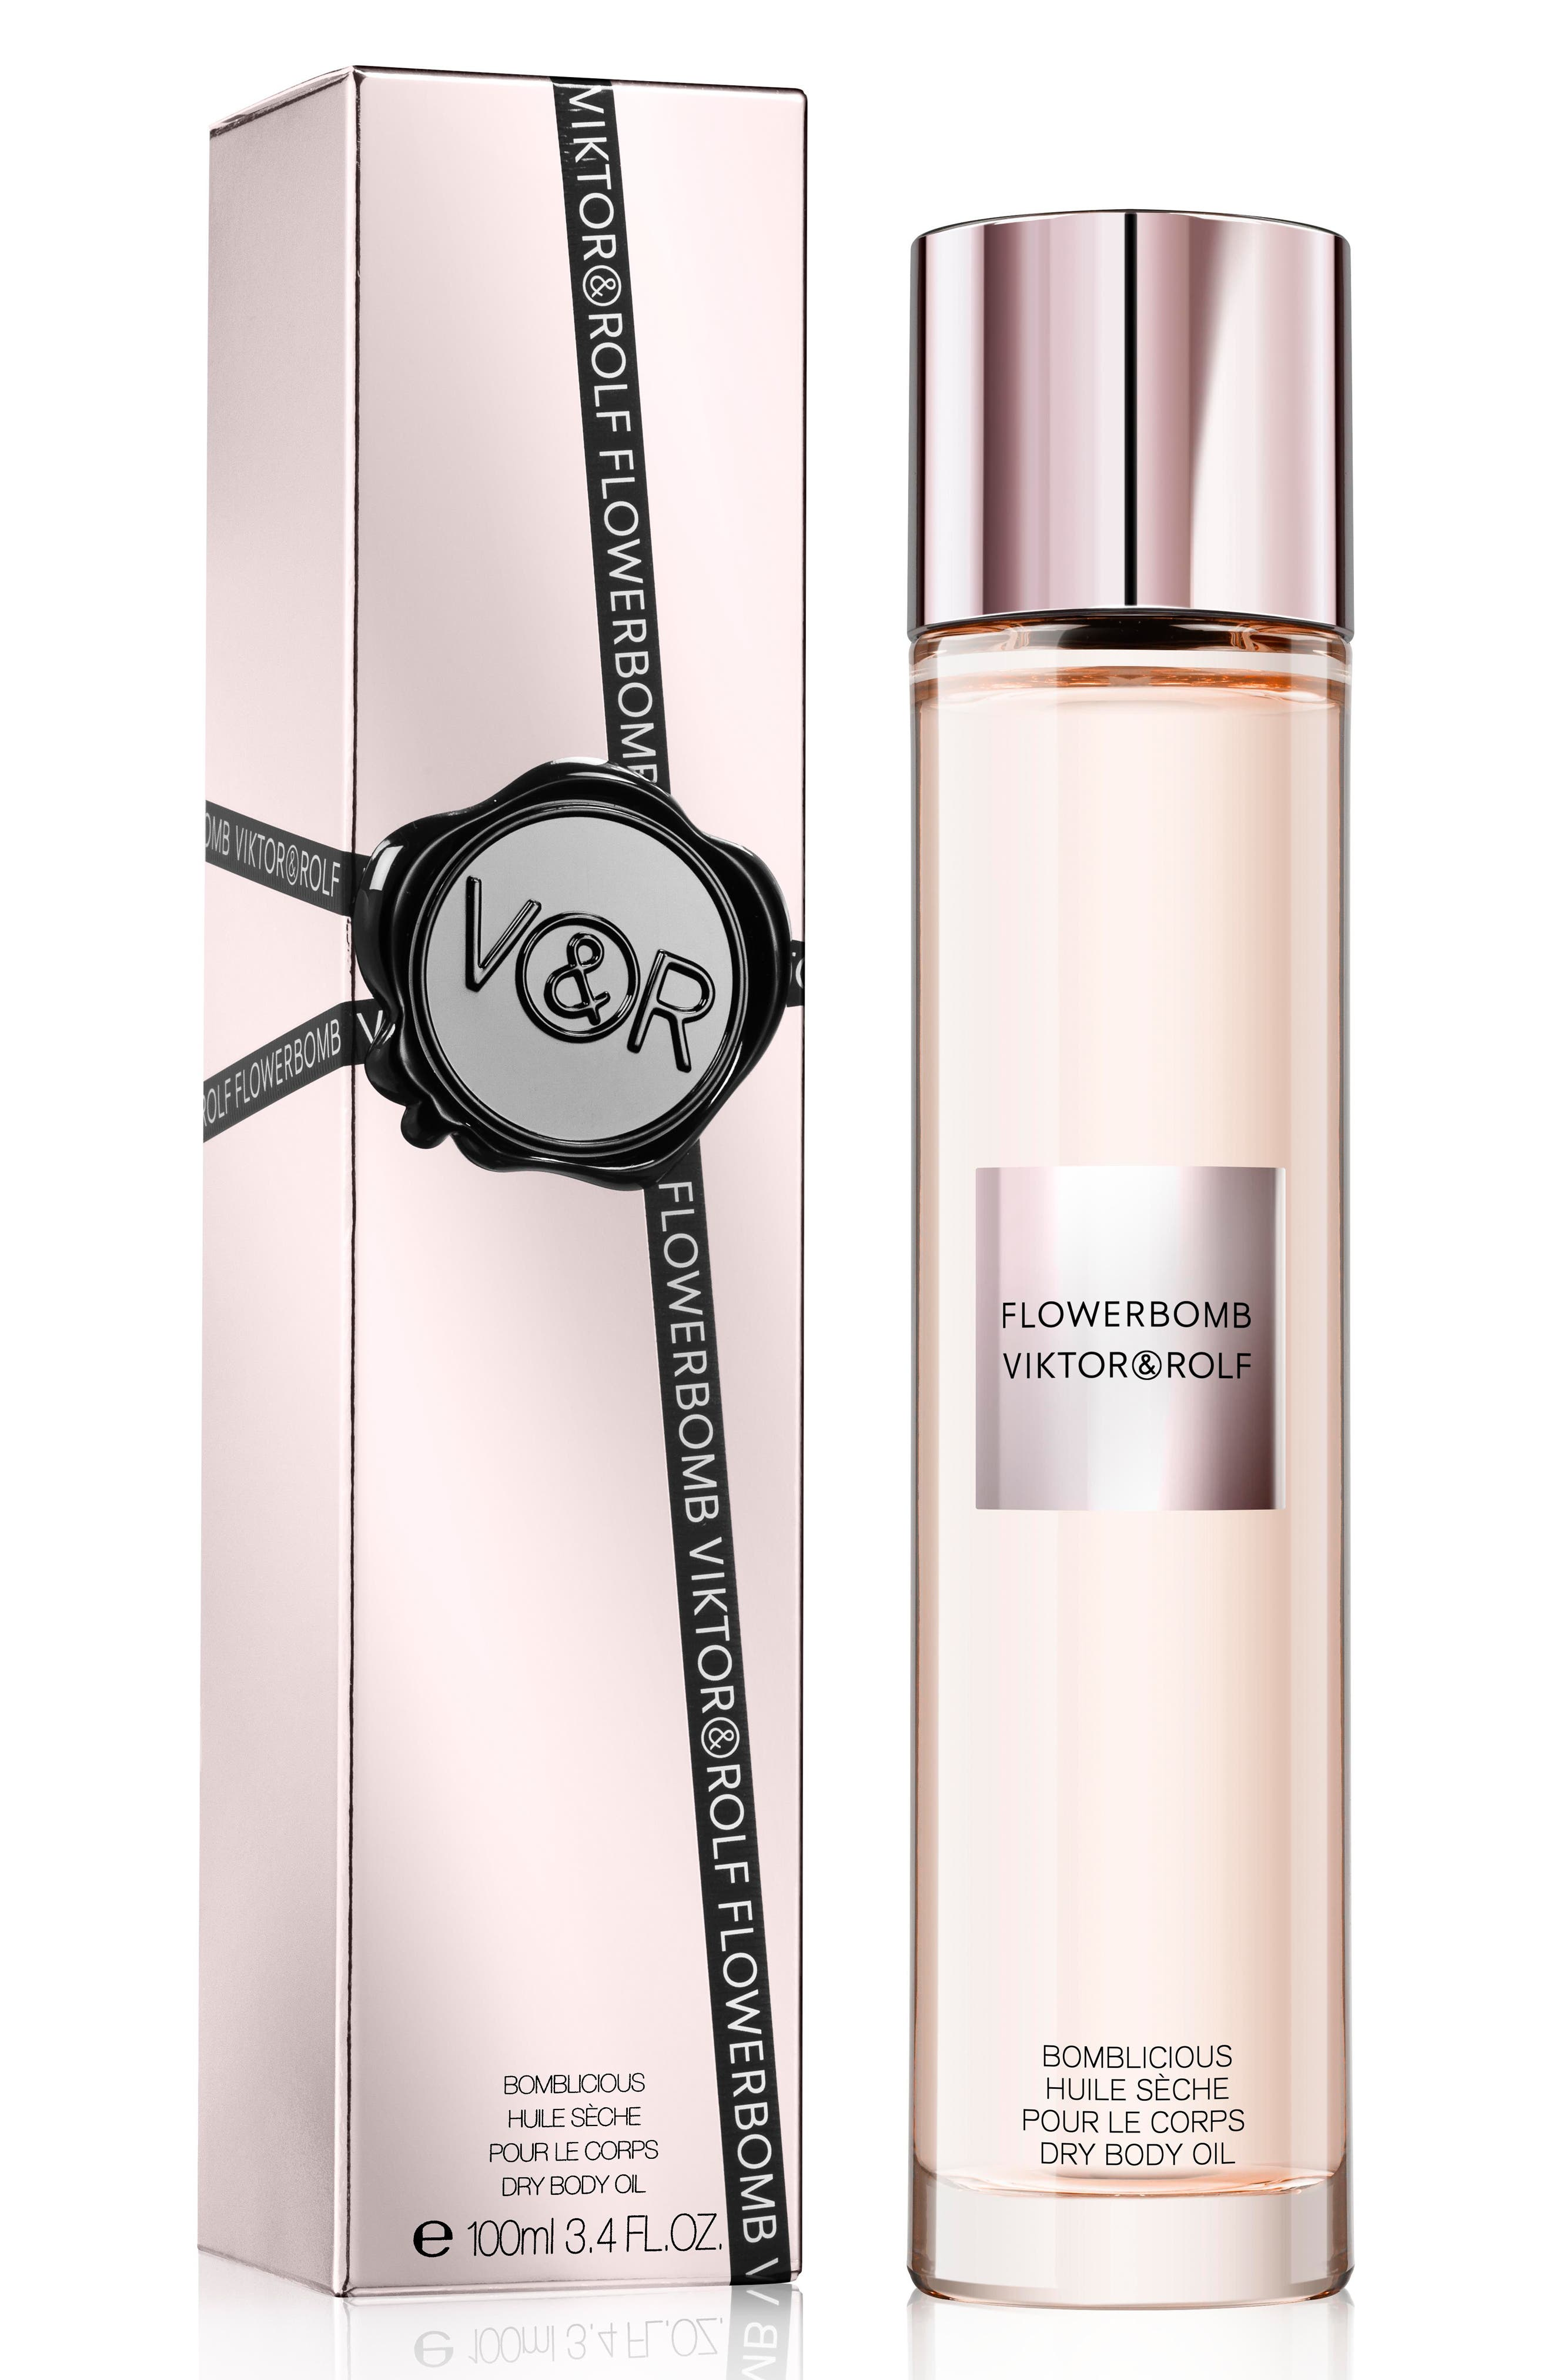 Viktorrolf All Beauty Fragrance Nordstrom